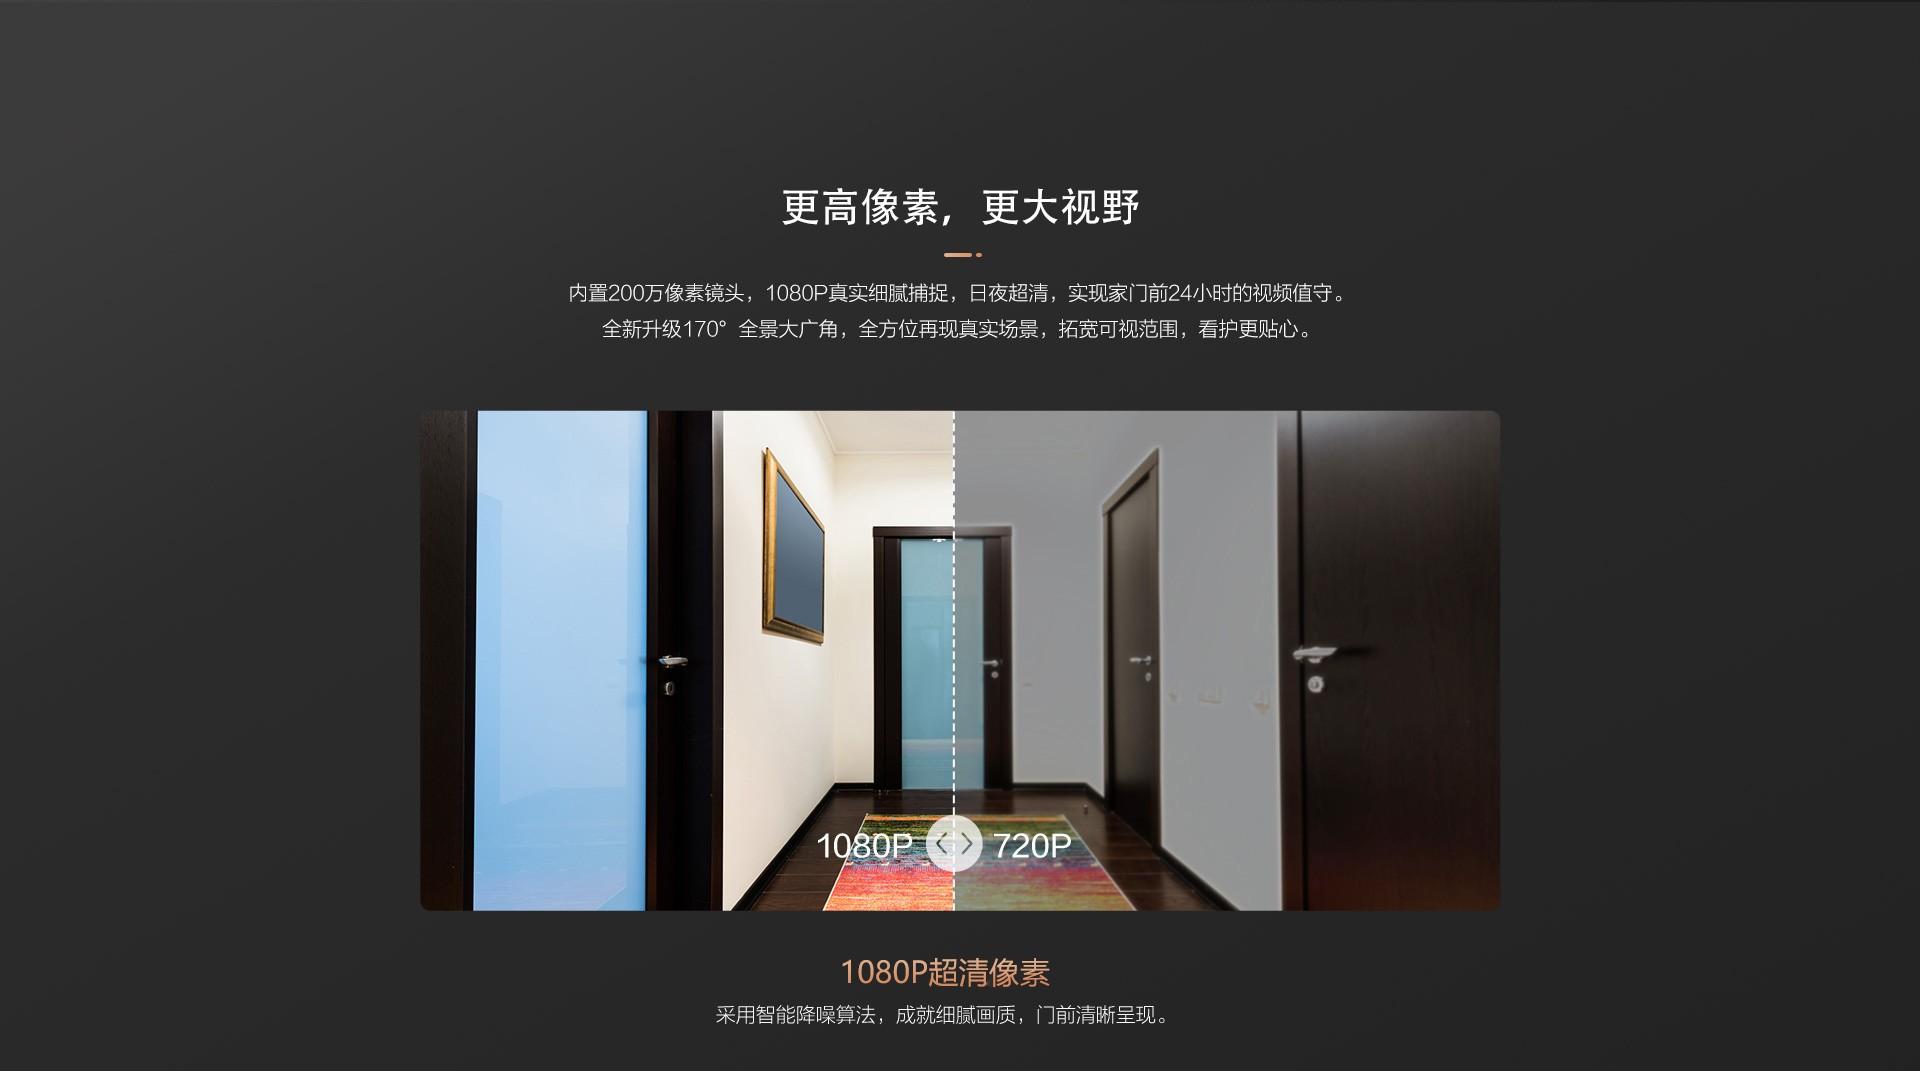 DP1S优化-web1_05.jpg